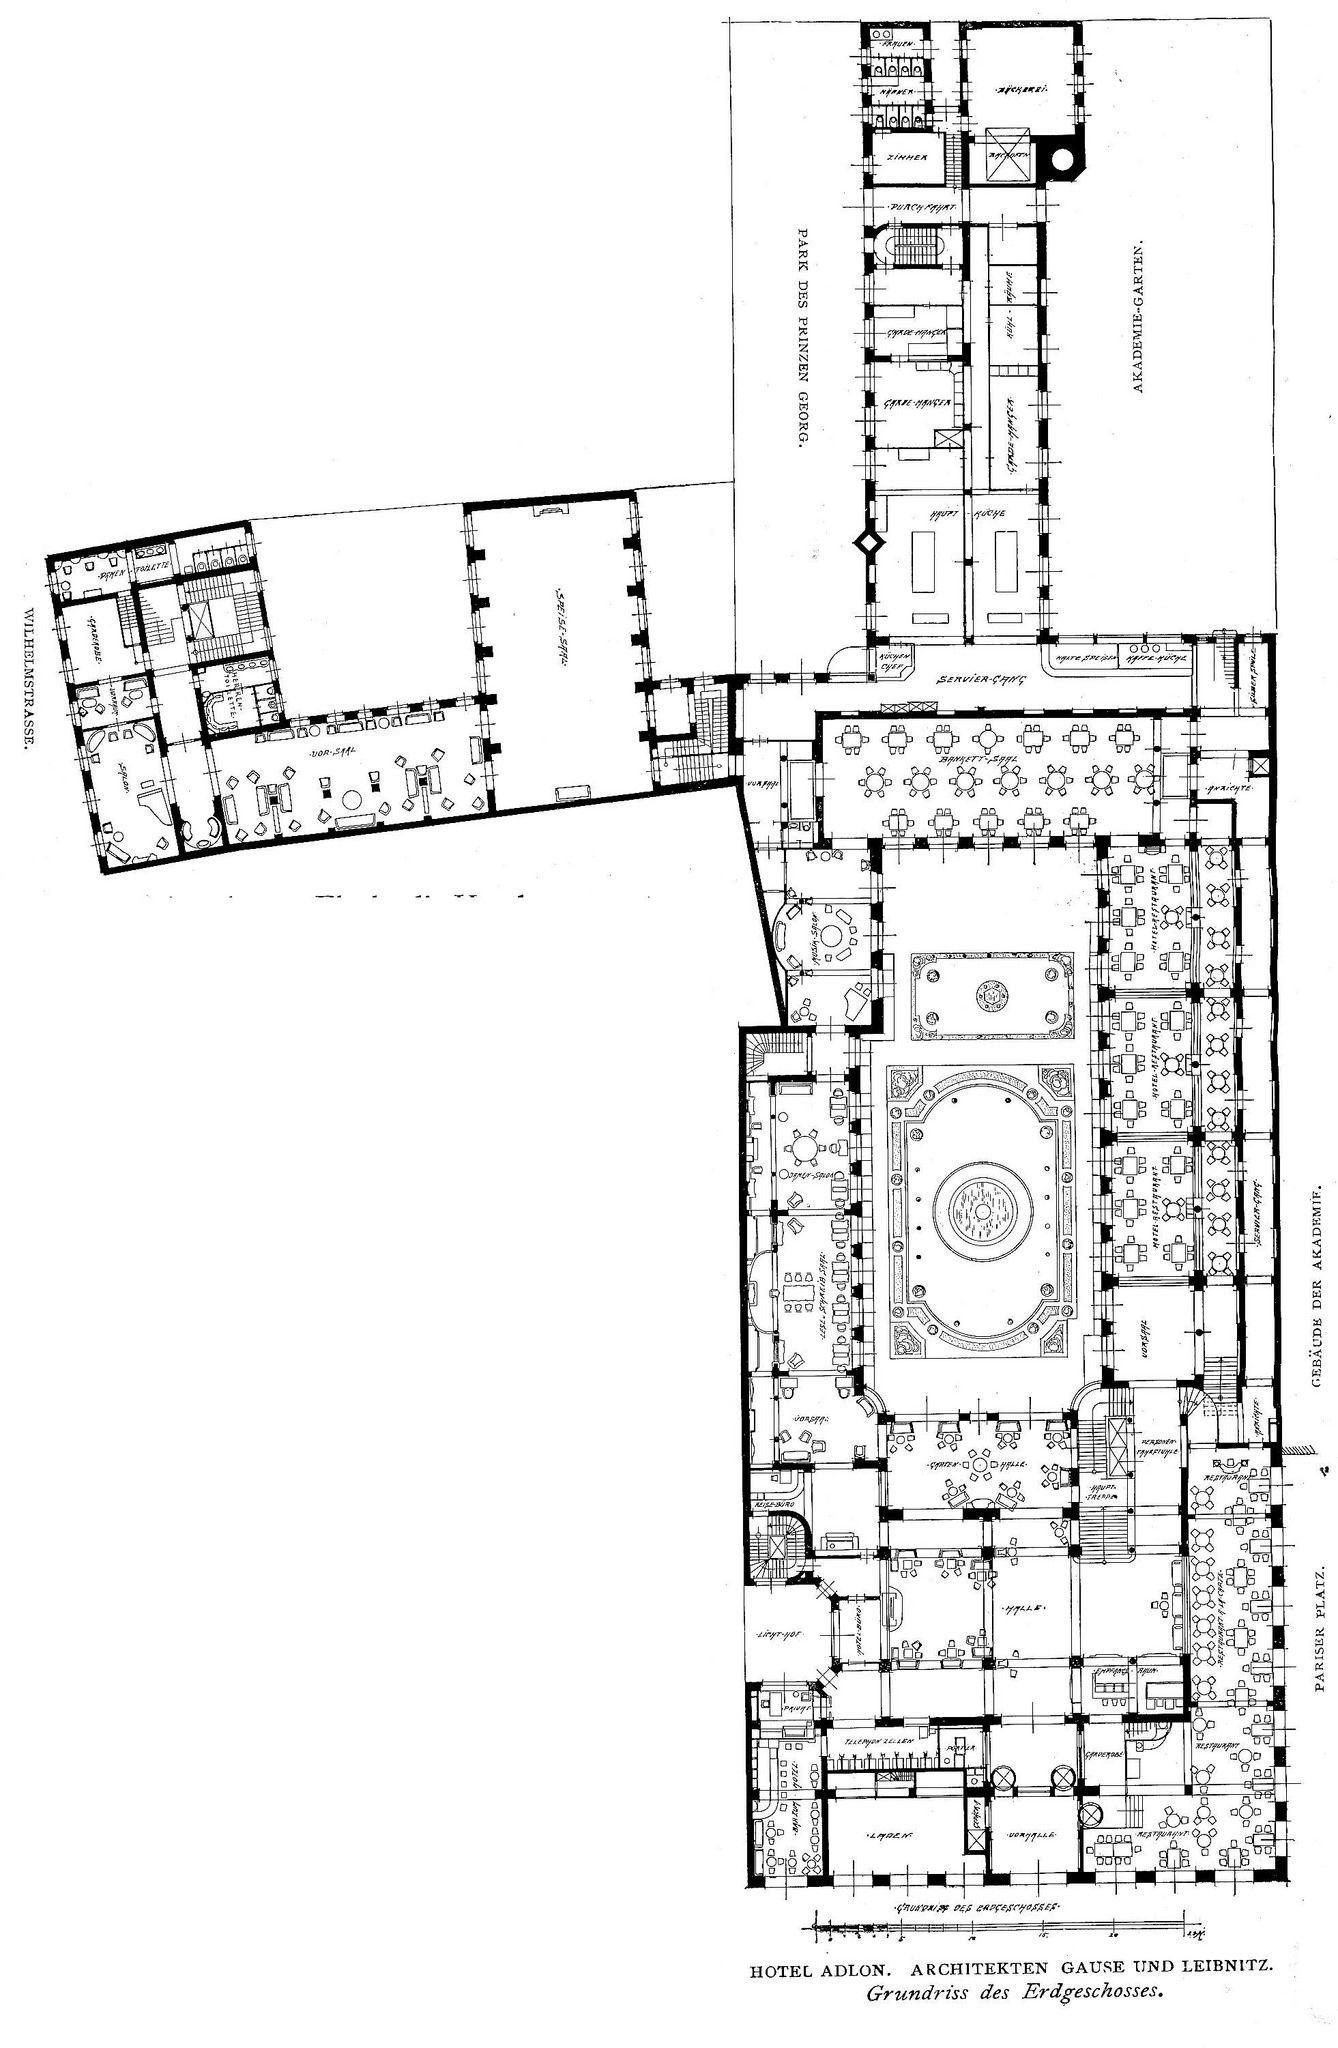 Innendecoration 1908 Berlin Hotel Adlon Plan Berlin Hotel Floor Plan Design Hotel Room Plan